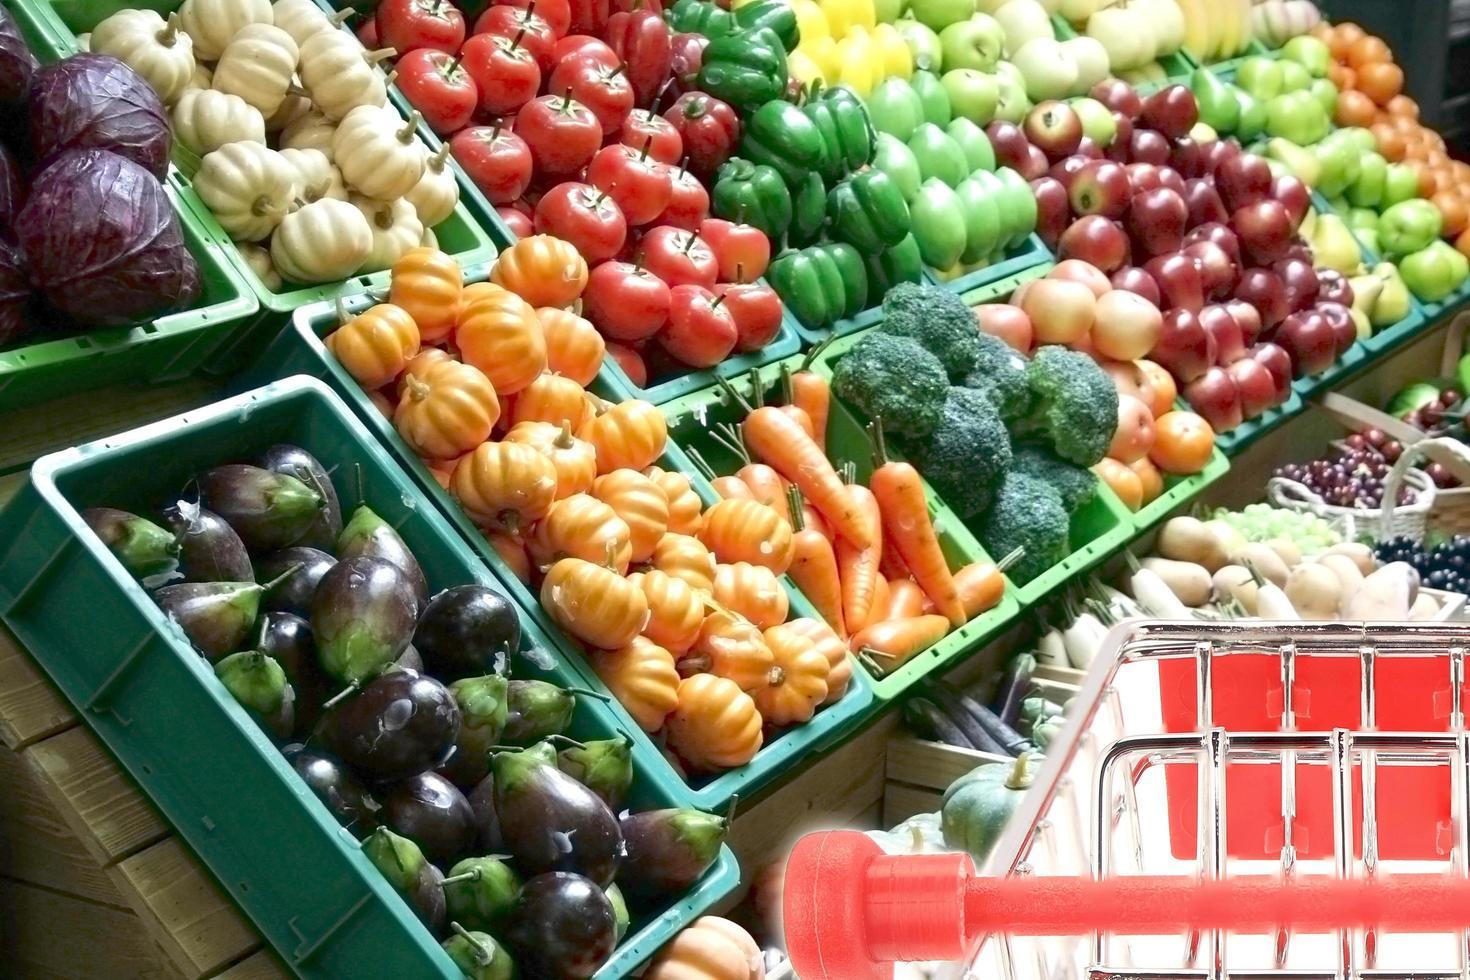 fruits en épicerie photo